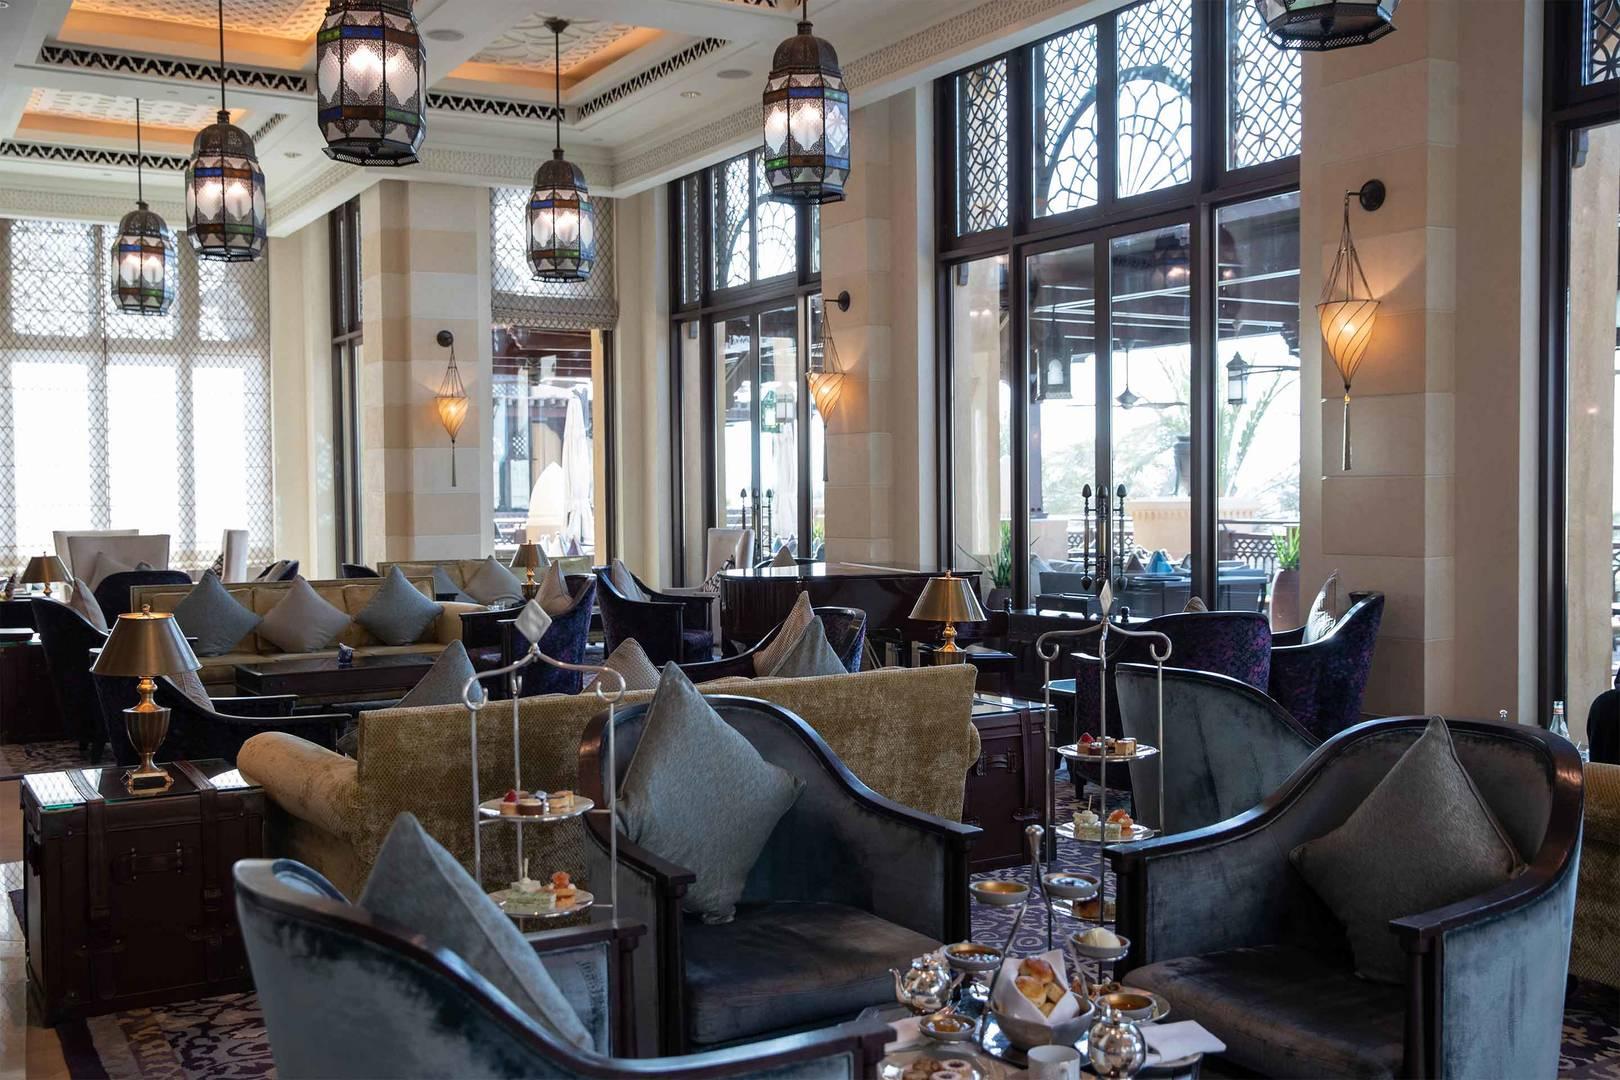 https://cdn.jumeirah.com/-/mediadh/DH/Hospitality/Jumeirah/Restaurants/Dubai/Mina-A-Salam-Al-Samar-Lounge/Restaurant-Gallery/6-4-Hero_Jumeirah-Mina-A-Salam-Al-Samar-Lounge-4.jpg?h=1080&w=1620&hash=FB862CE64F4F6AB81FC51915BF1954A1